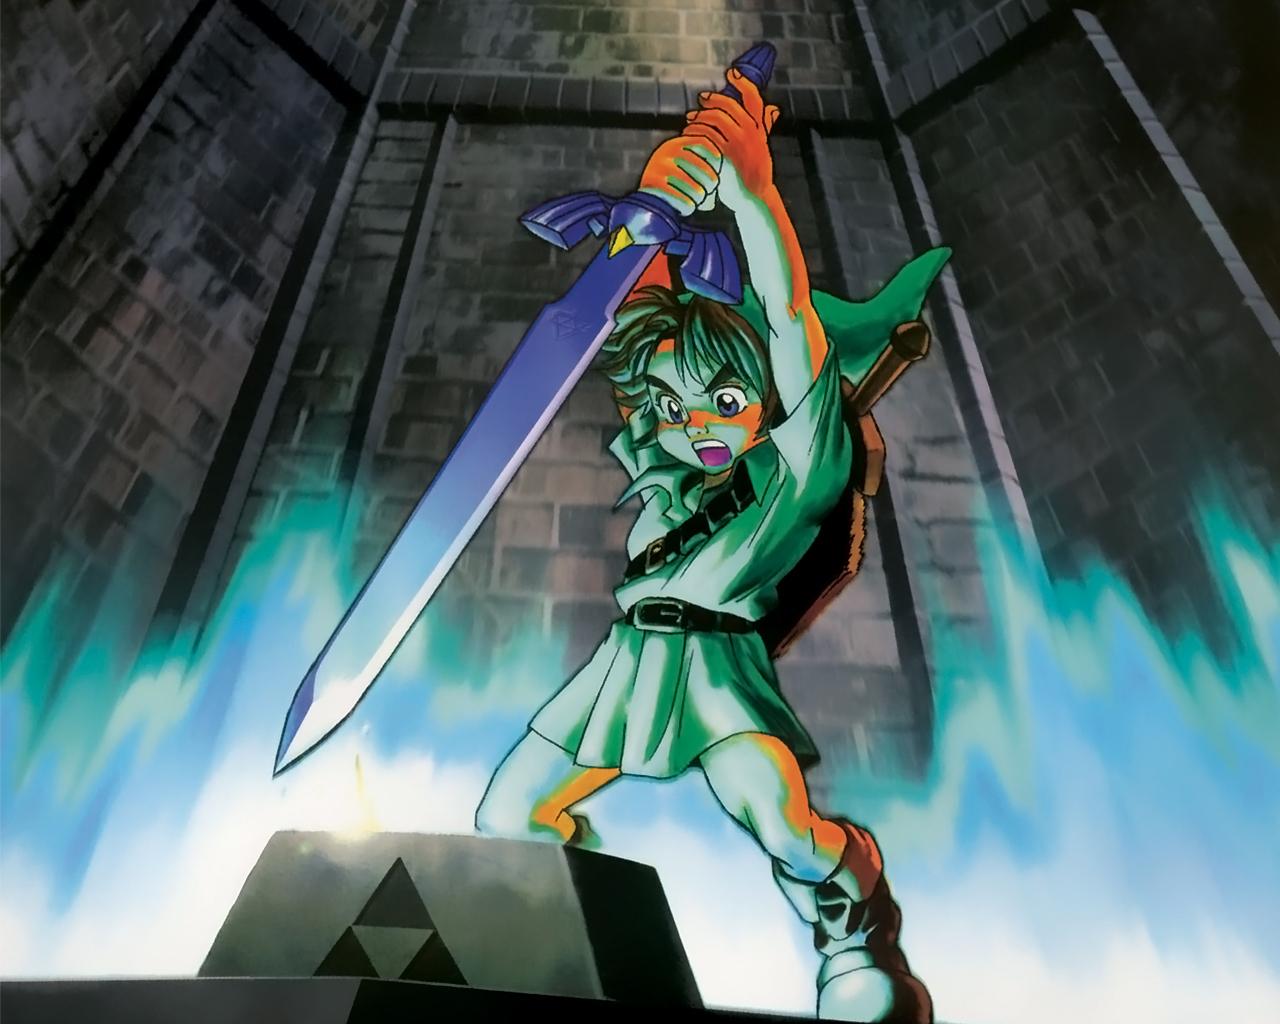 Master Sword: dependendo da versão do jogo, esta espada pode ser encontrada em florestas ou em templos (Foto: Divulgação)